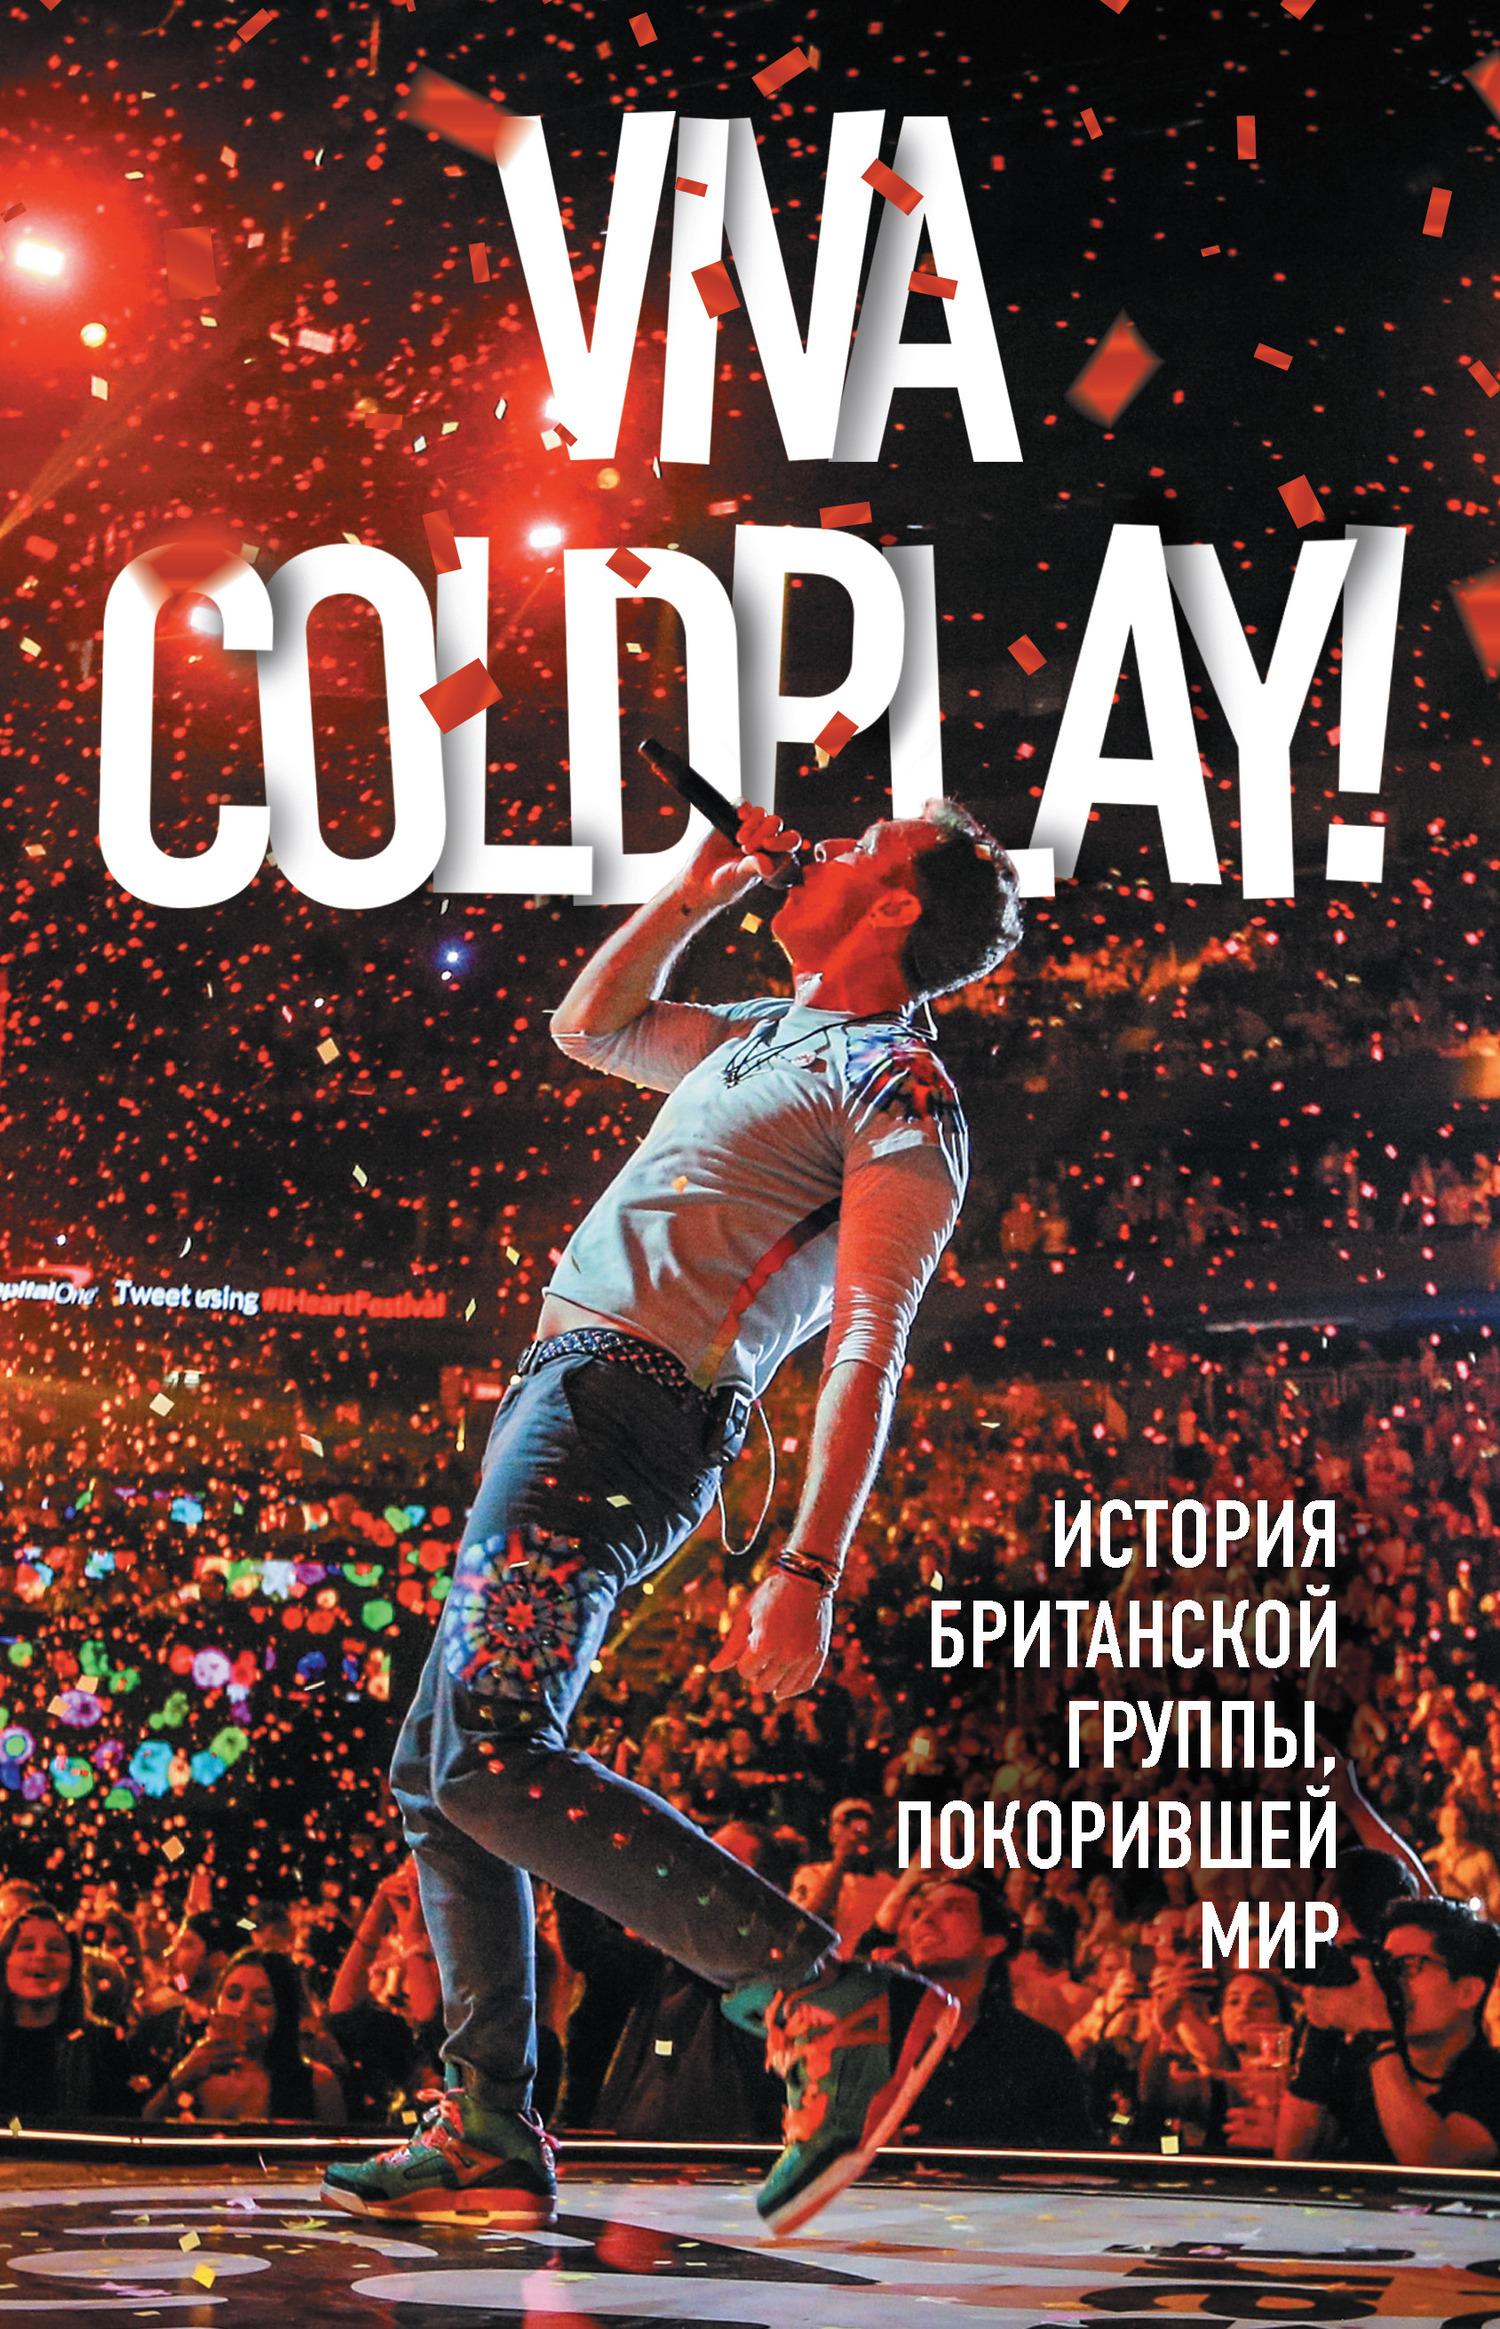 фото обложки издания Viva Coldplay! История британской группы, покорившей мир